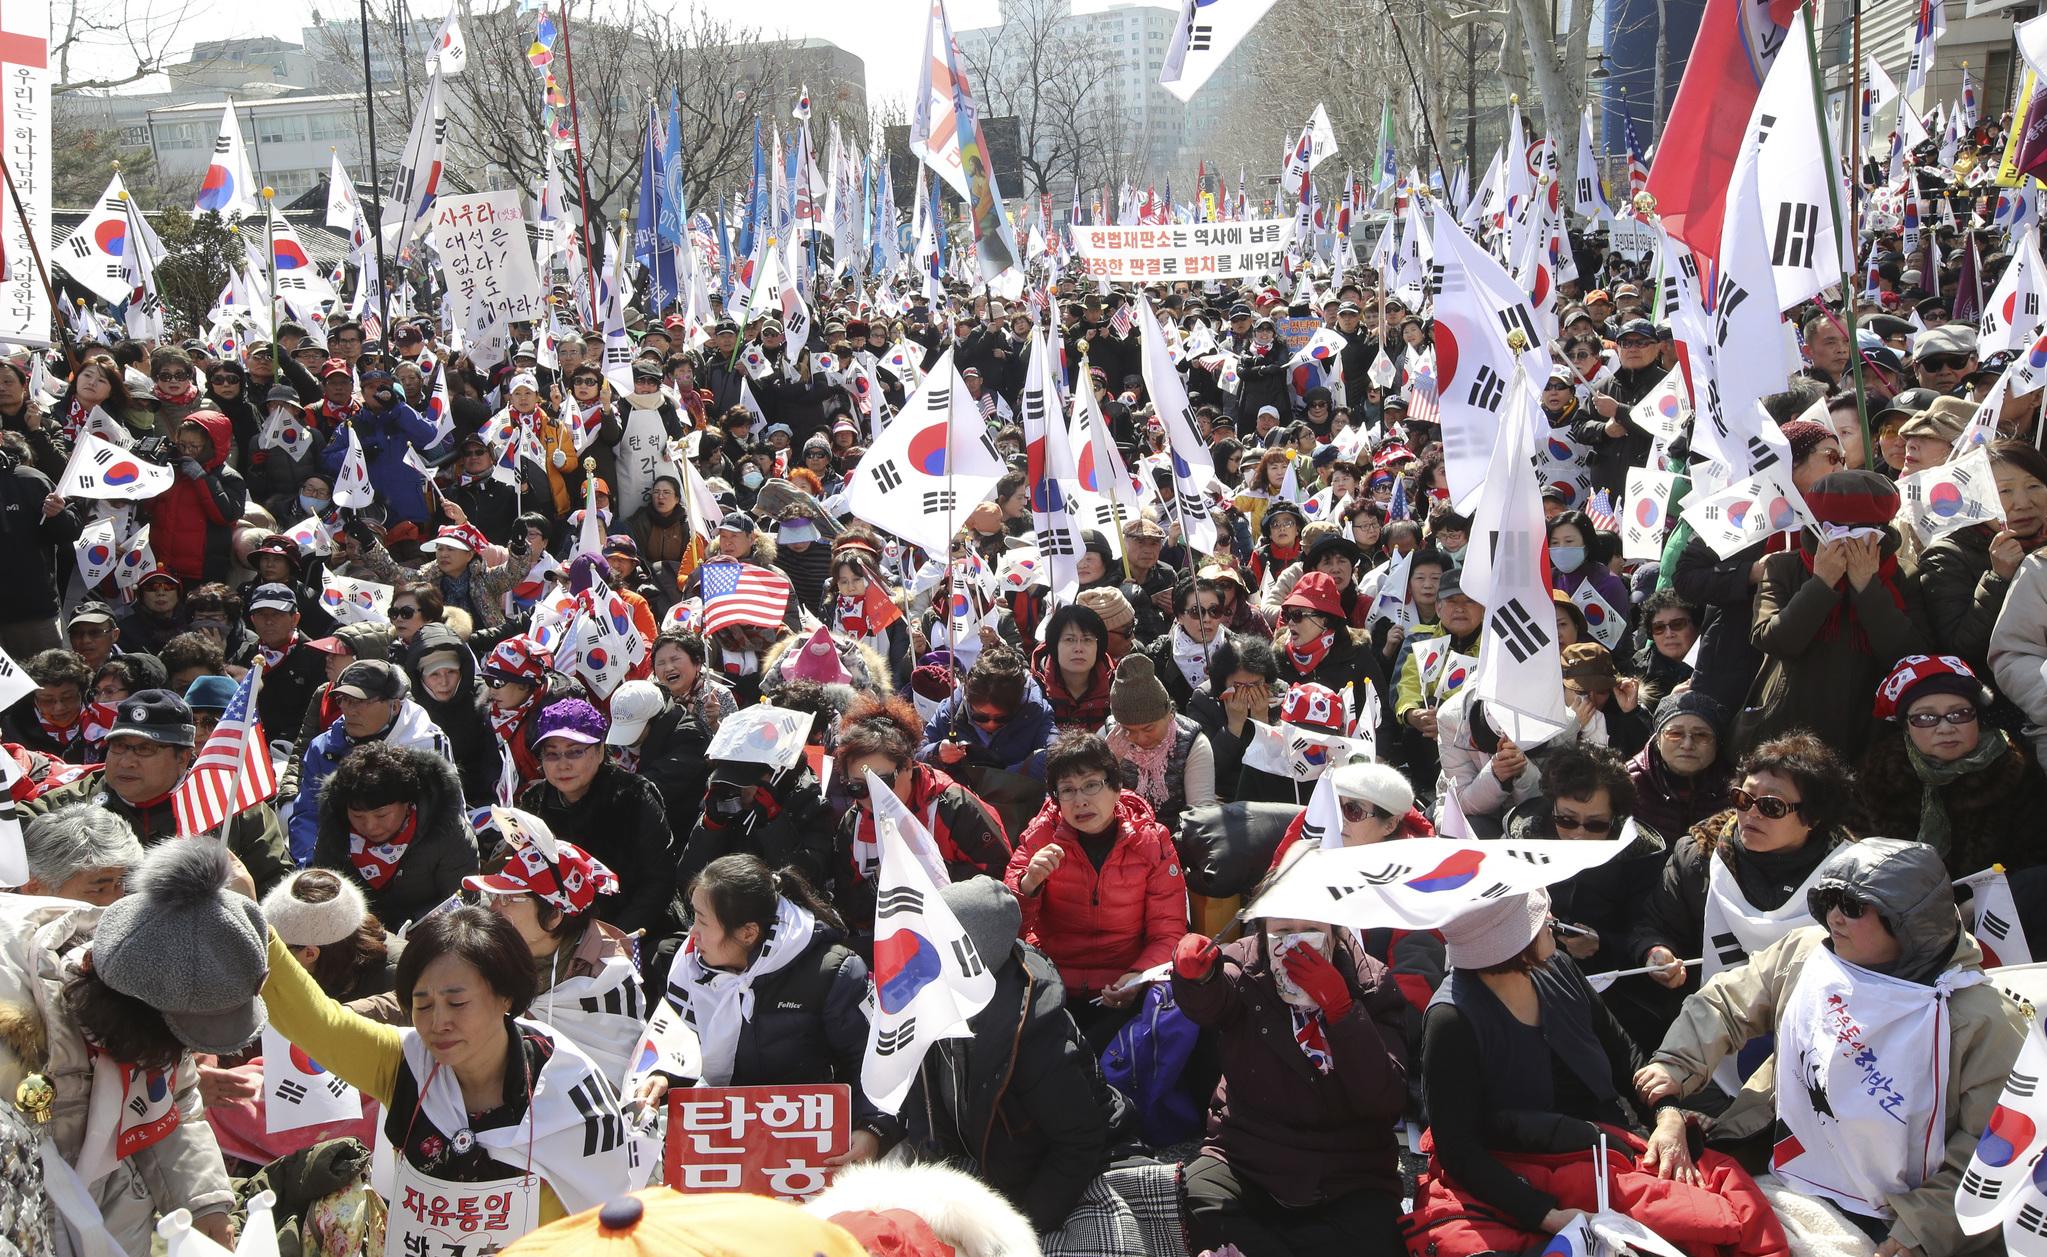 탄핵 반대 집회 참여자들. [사진 임현동 기자]